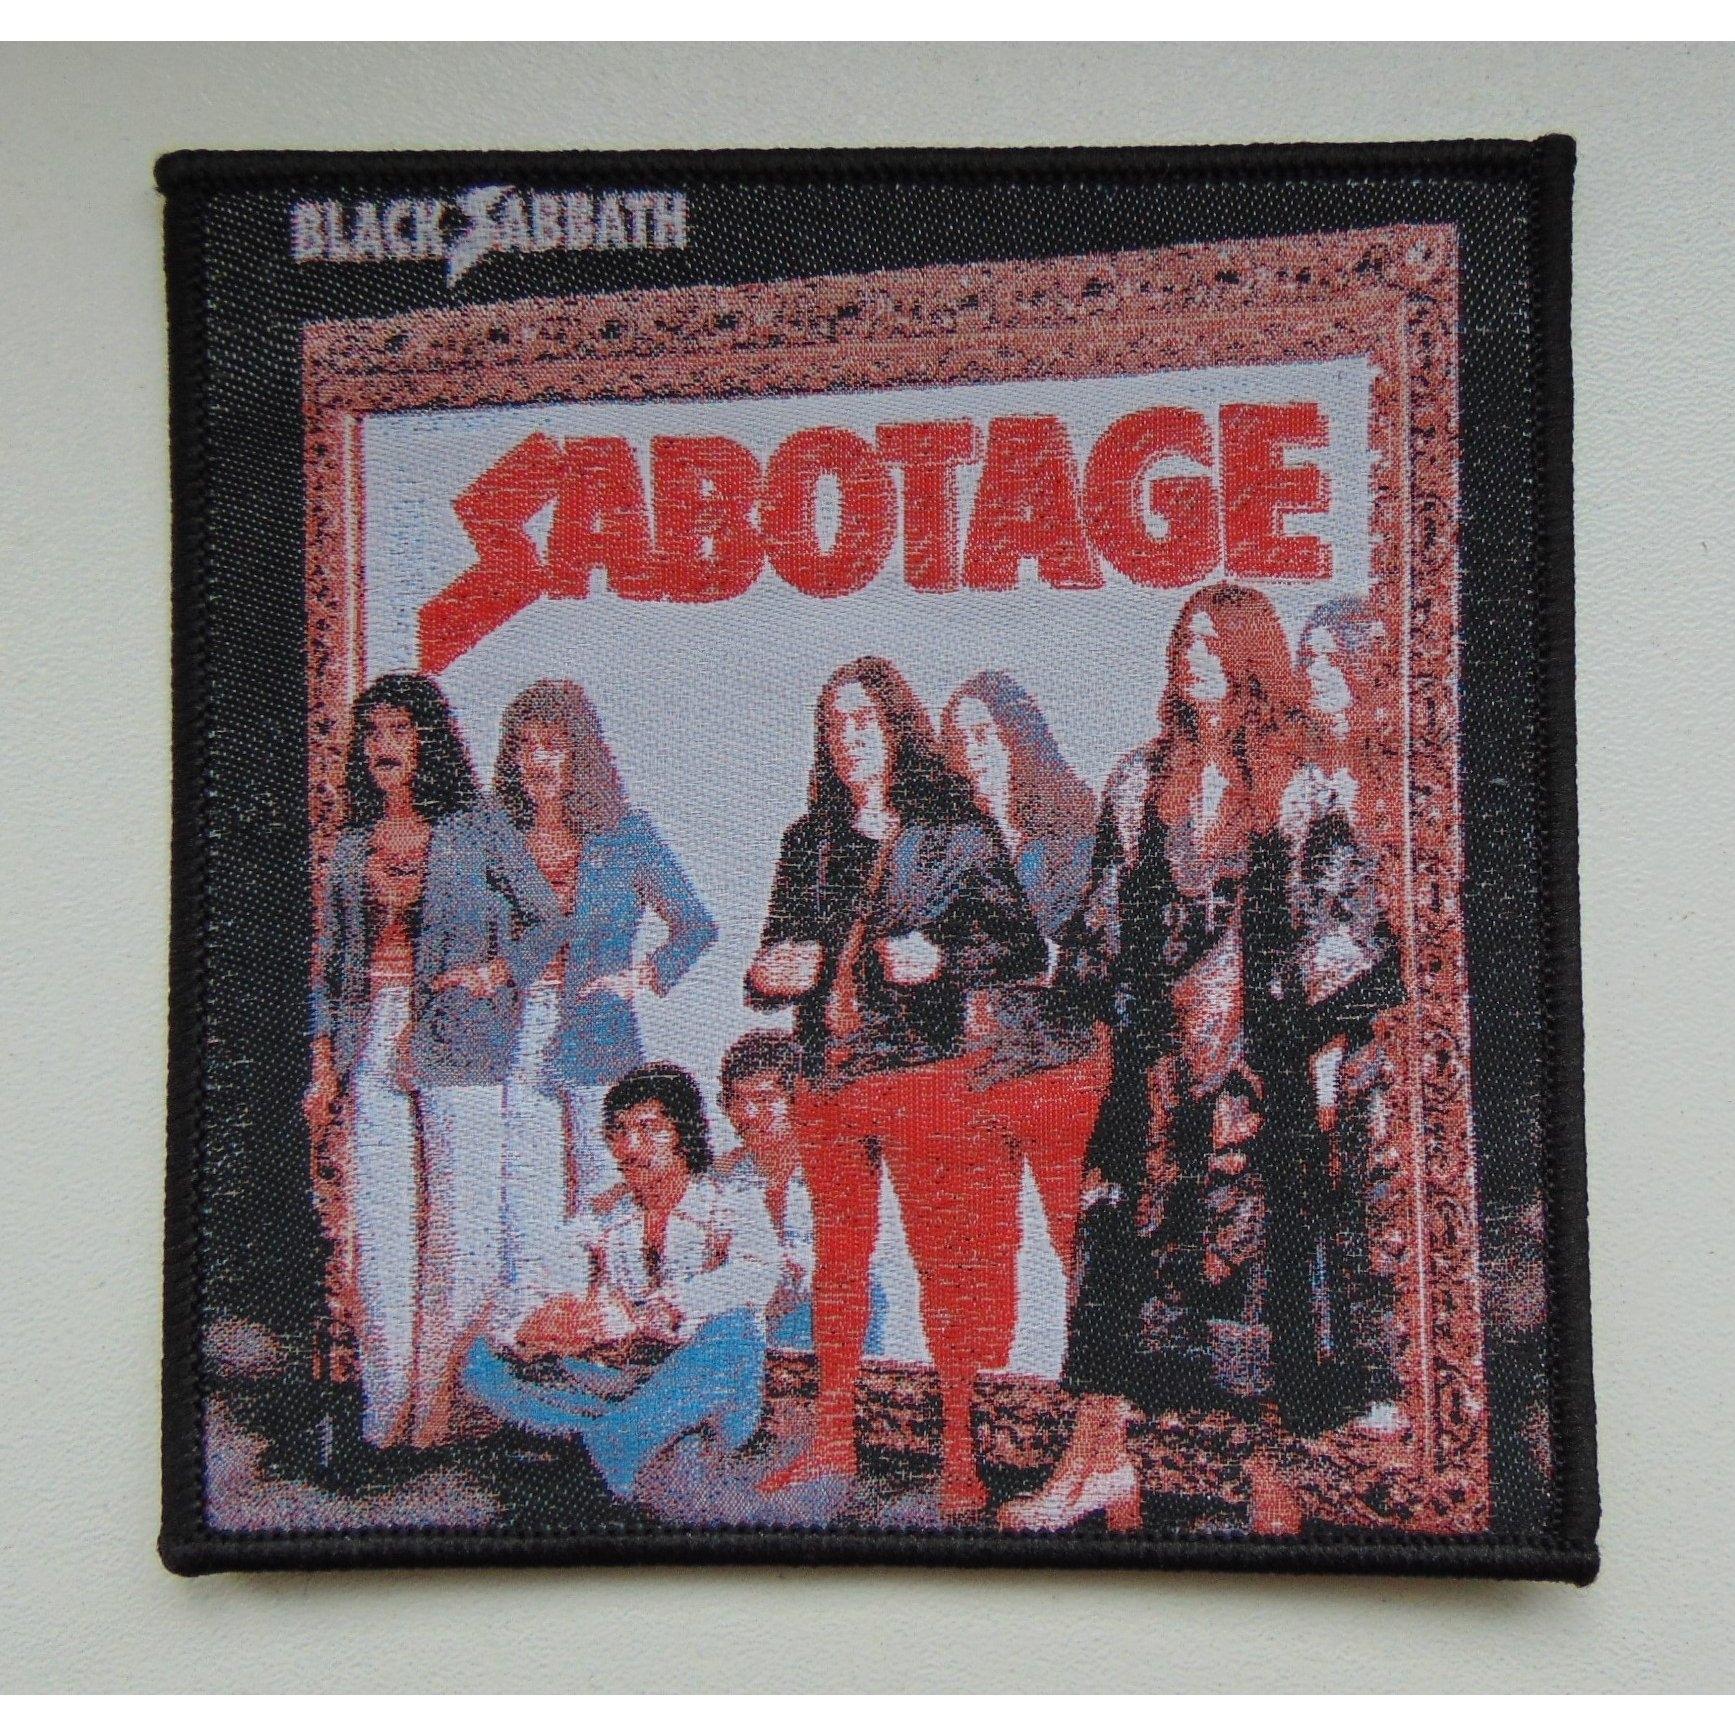 Black Sabbath Sabotage Patch Merchandise Ipr666 Shop